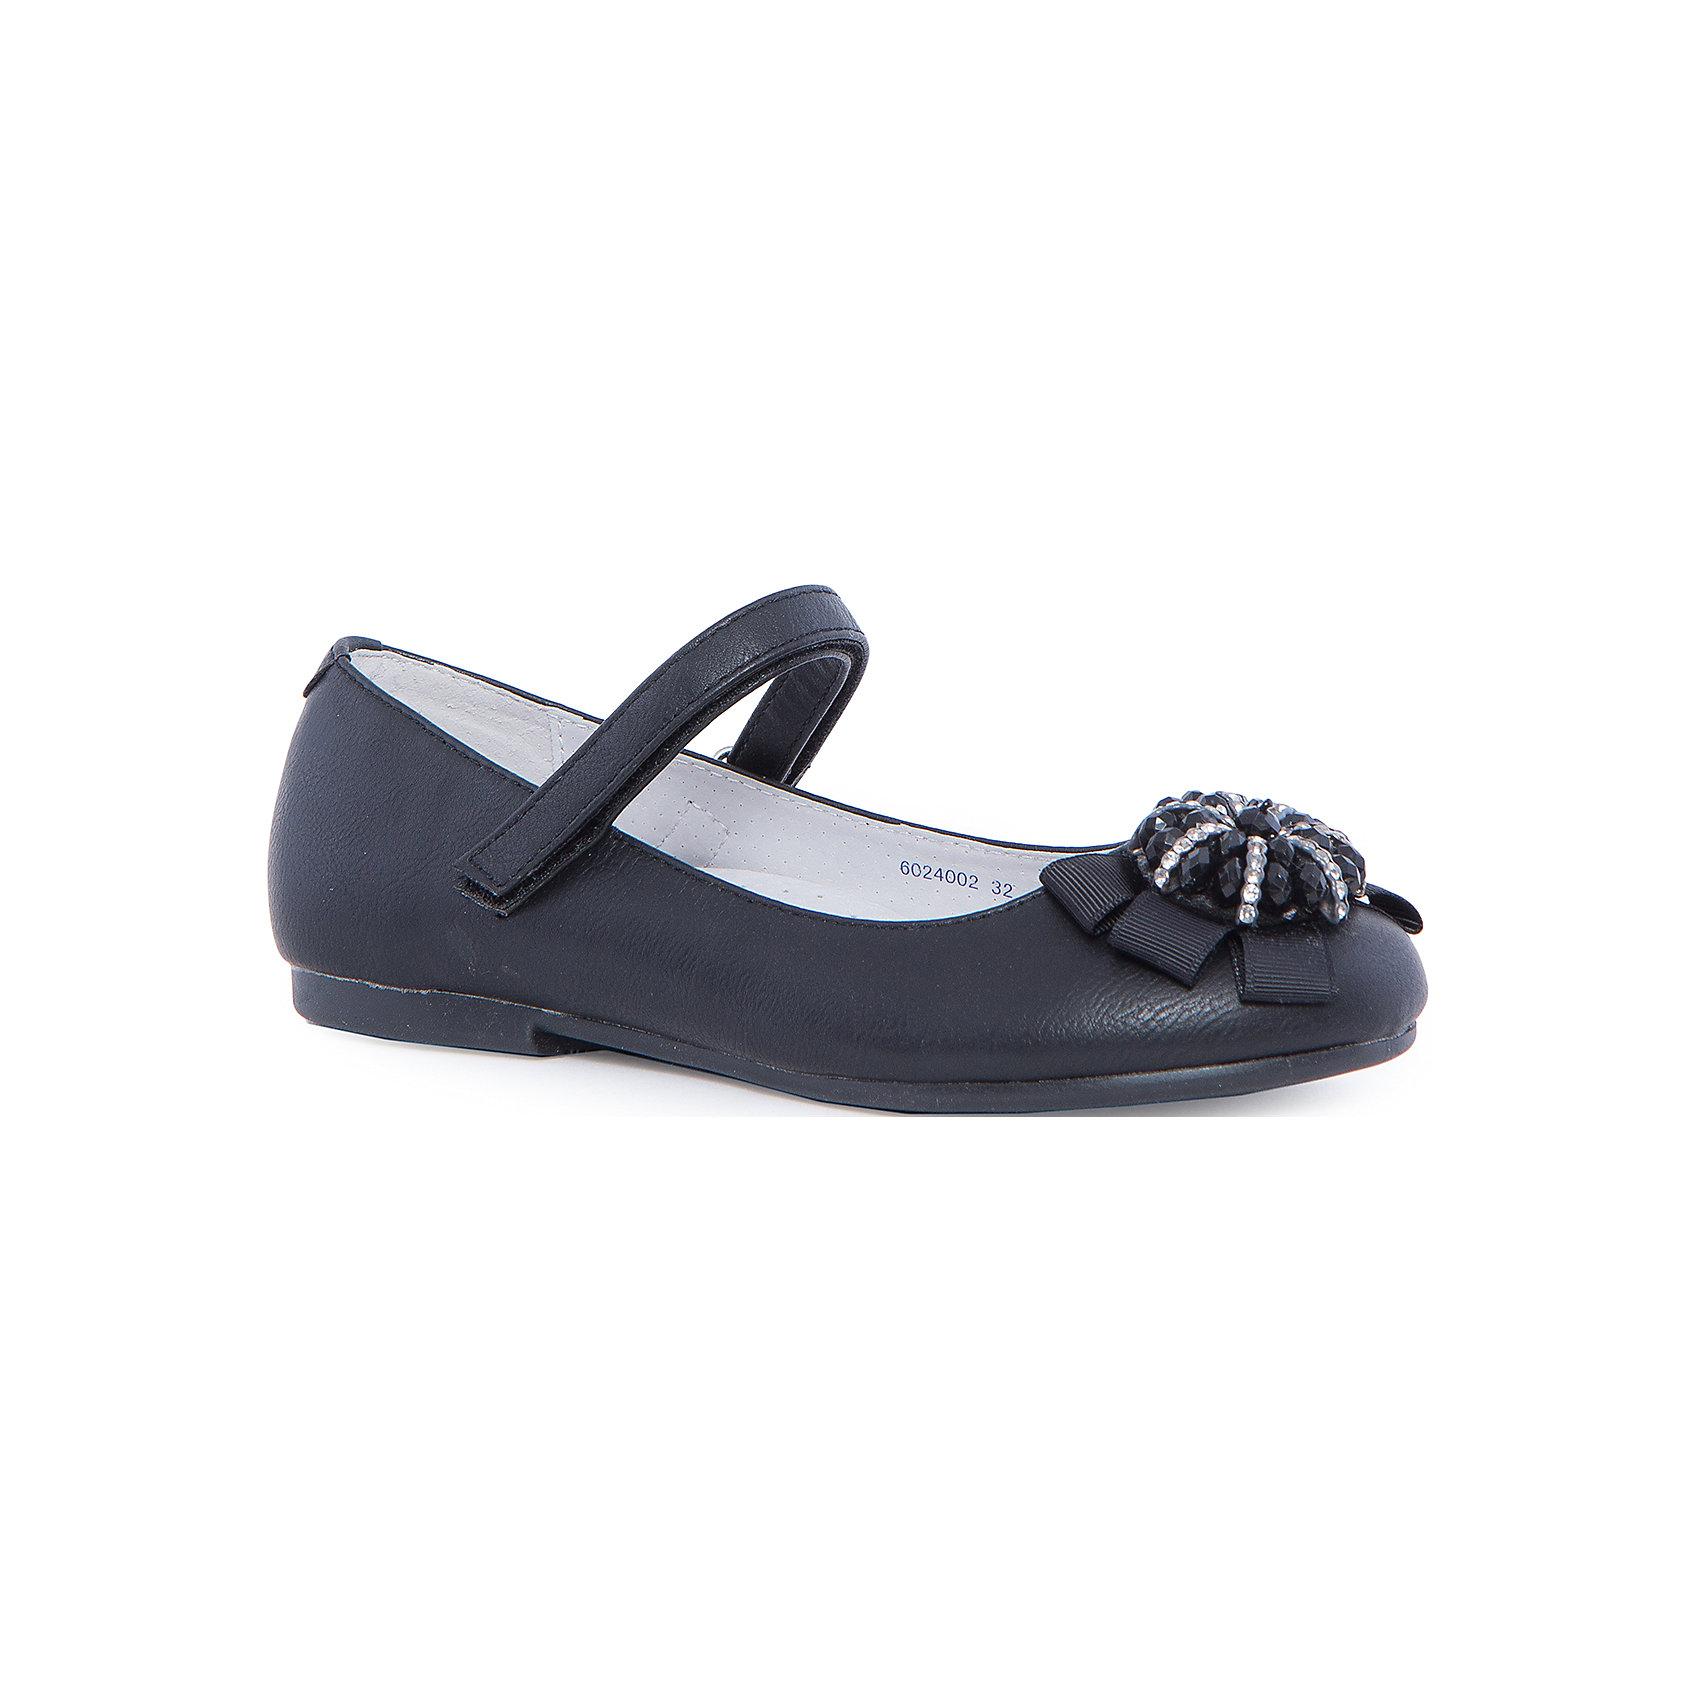 Туфли для девочки MURSUТуфли для девочки от известного финского бренда MURSU прекрасный вариант для тёплой погоды или же сменной обуви. Модель черного цвета застегивается на липучку, прекрасно сочетается с любой одеждой. Туфли имеют небольшой удобный каблук, декорированы оригинальным цветком  из текстиля и стразов. Подкладка и стелька из натуральной кожи обеспечивают комфорт, удобство и гигиеничность. <br><br>Дополнительная информация:<br><br>- Цвет: черный.<br>- Тип застежки: липучка.<br>- Декоративные элементы: цветок.<br><br>Состав:<br><br>- Материал верха: искусственная кожа.<br>- Материал подкладки: натуральная кожа.<br>- Материал подошвы: TEP.<br>- Материал стельки: натуральная кожа.<br><br>Туфли для девочки MURSU (Мурсу), можно купить в нашем магазине.<br><br>Ширина мм: 227<br>Глубина мм: 145<br>Высота мм: 124<br>Вес г: 325<br>Цвет: черный<br>Возраст от месяцев: 132<br>Возраст до месяцев: 144<br>Пол: Женский<br>Возраст: Детский<br>Размер: 33,35,31,36,34,32<br>SKU: 4195810